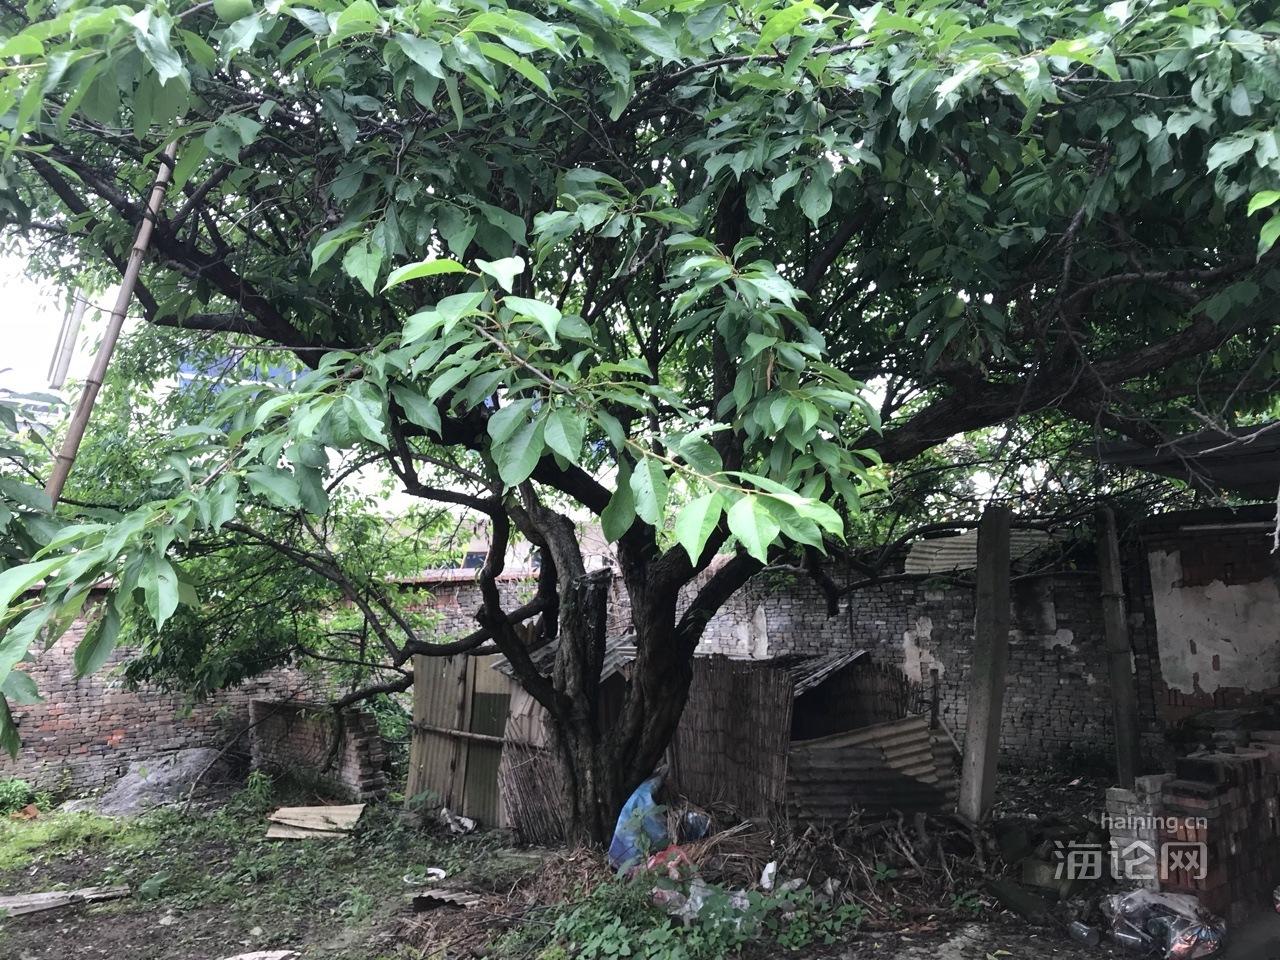 出售李子树一株